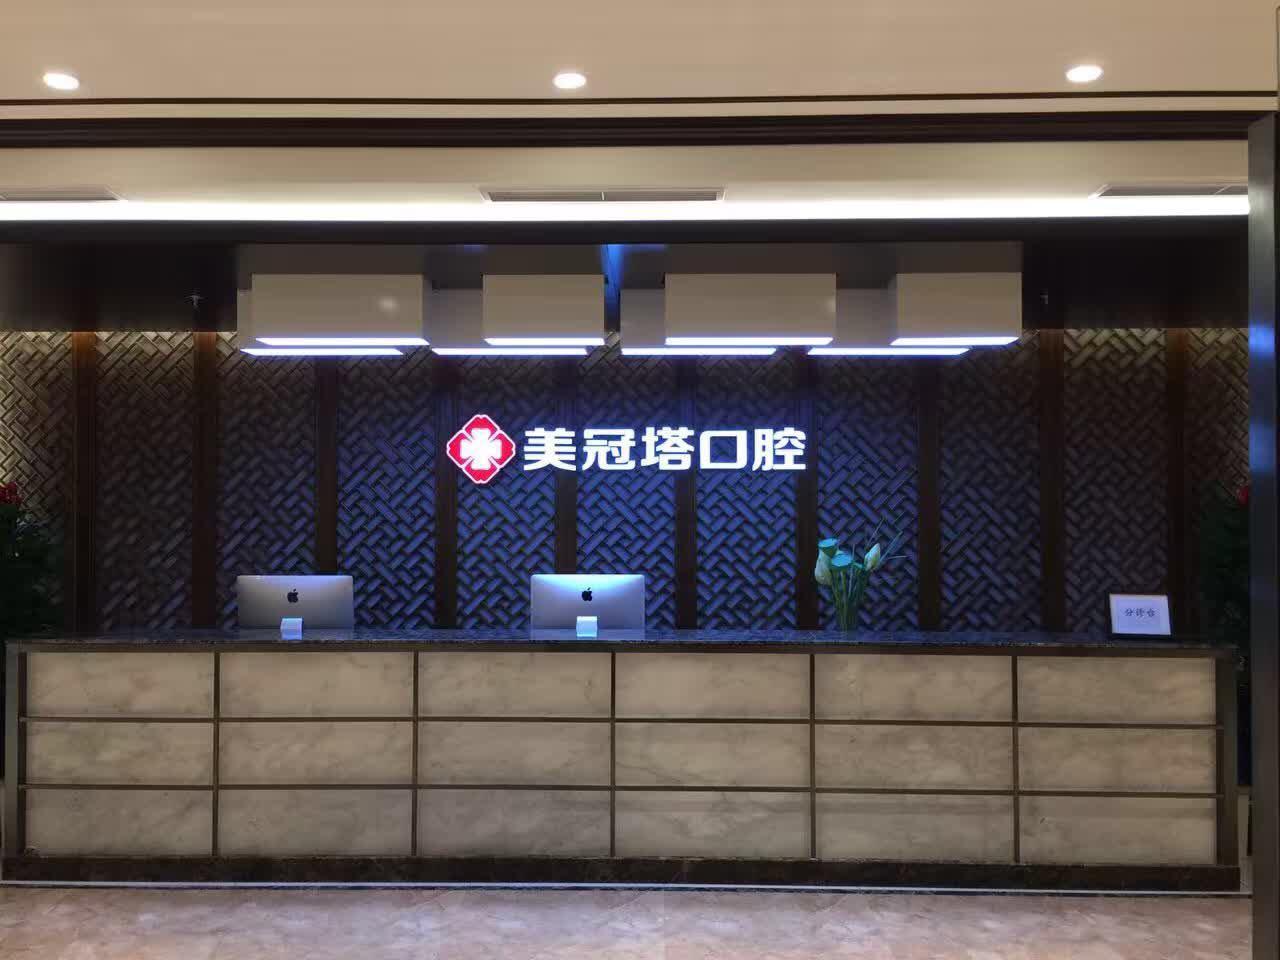 北京美冠塔口腔医院怎么样正规吗?